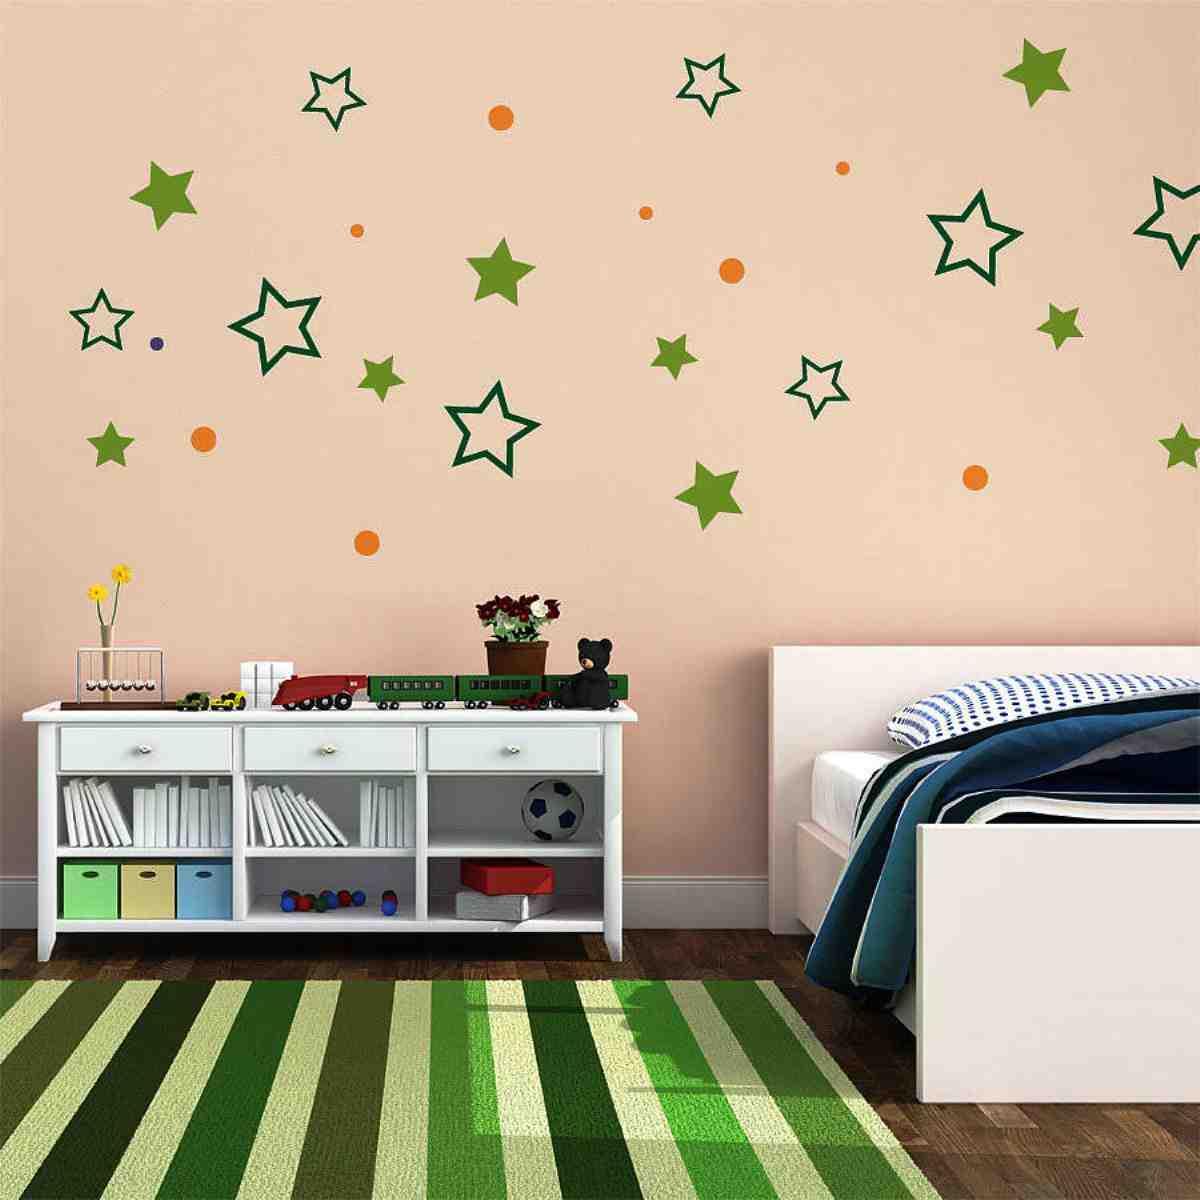 Diy Wall Decor Ideas for Bedroom - Decor Ideas